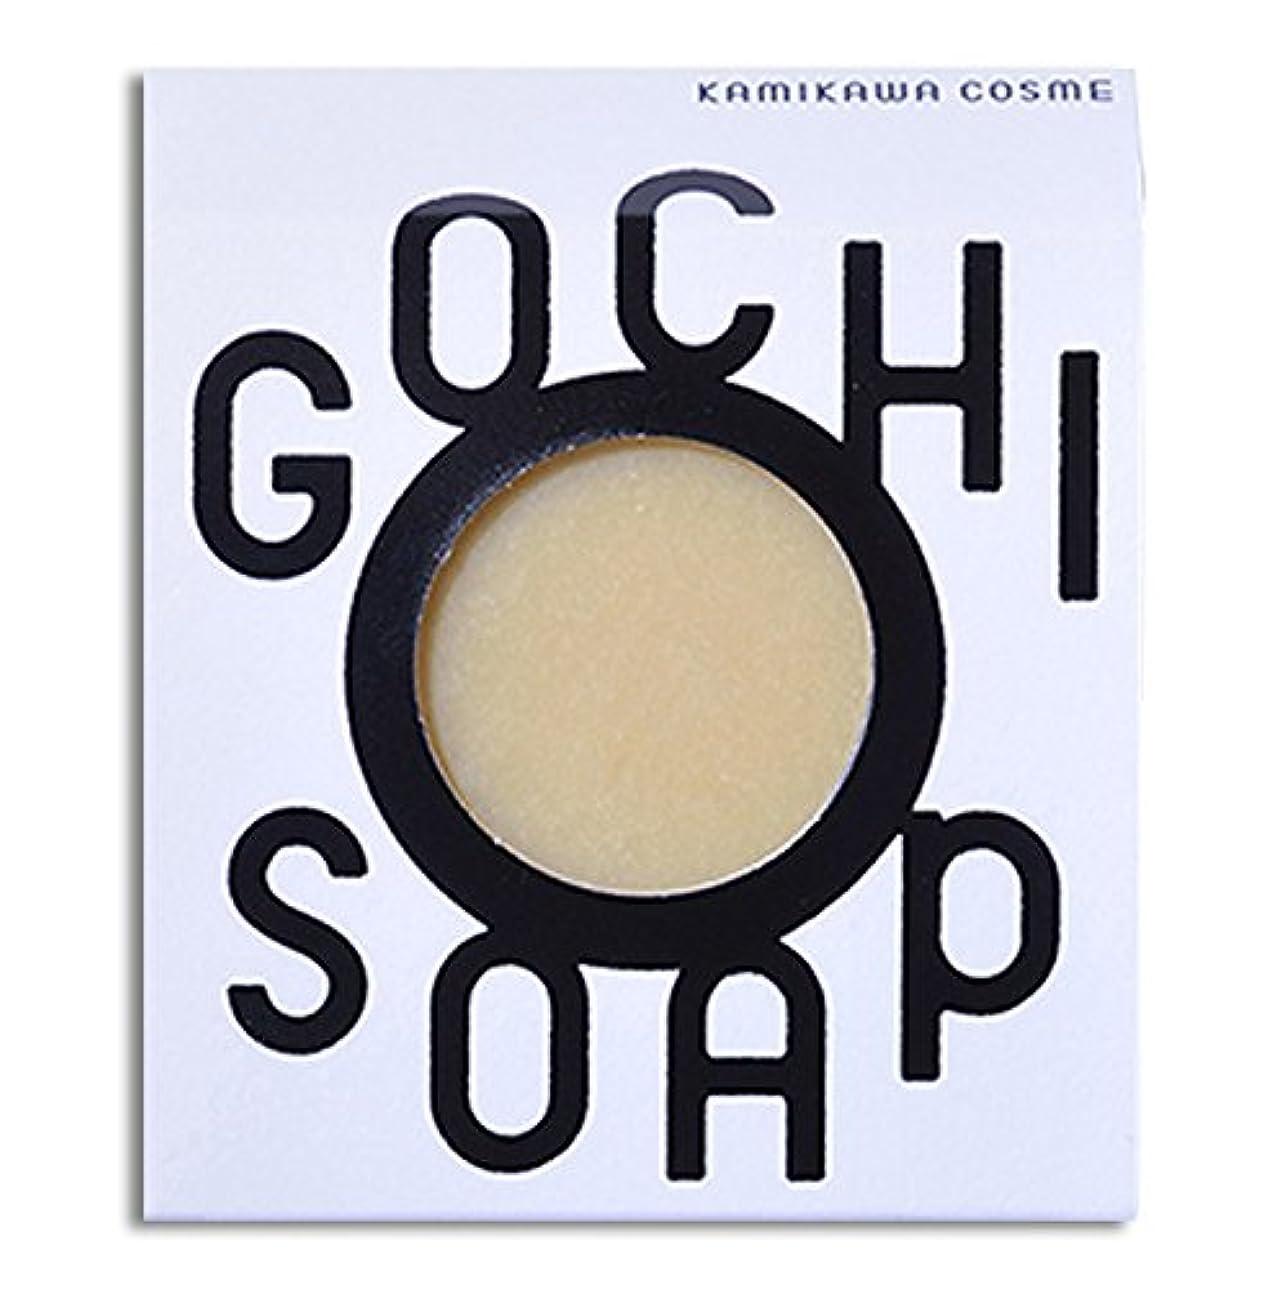 祖先壮大な豚道北の素材を使用したコスメブランド GOCHI SOAP(山路養蜂園の蜂蜜ソープ?ふじくらますも果樹園のりんごソープ)各1個セット